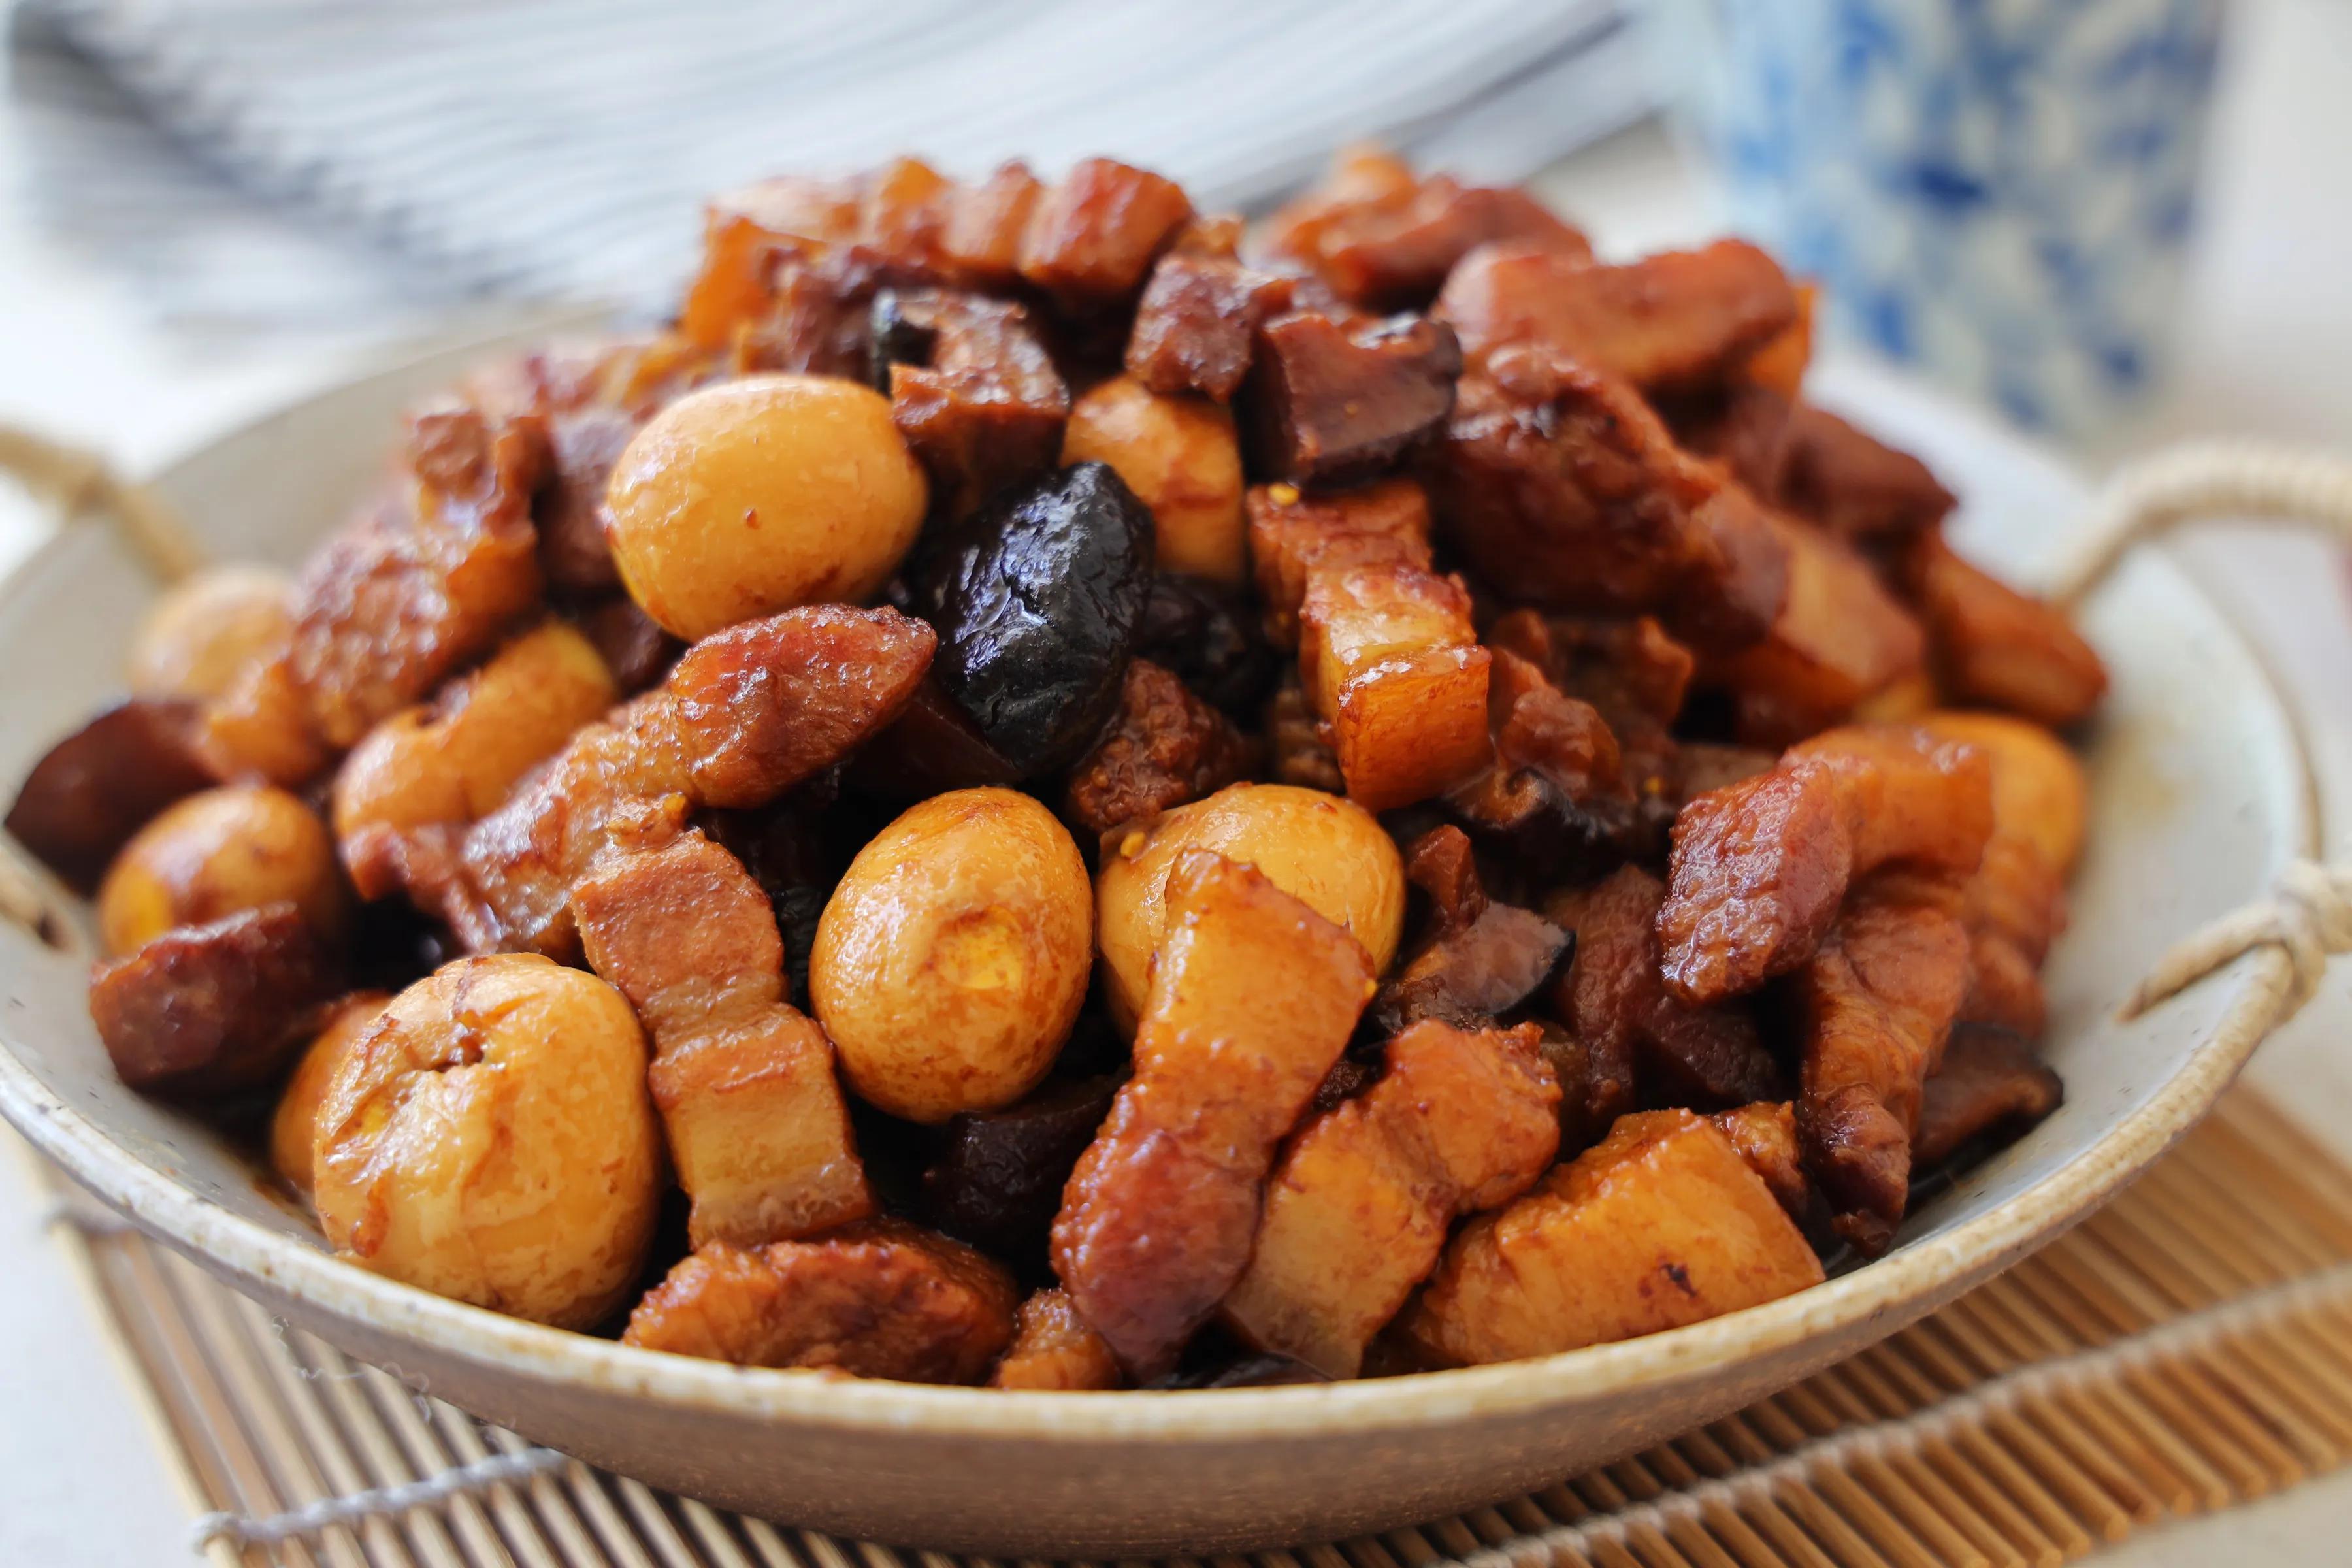 夏天五花肉要这样吃,简单卤上一锅,汤汁拌米饭超级过瘾好吃